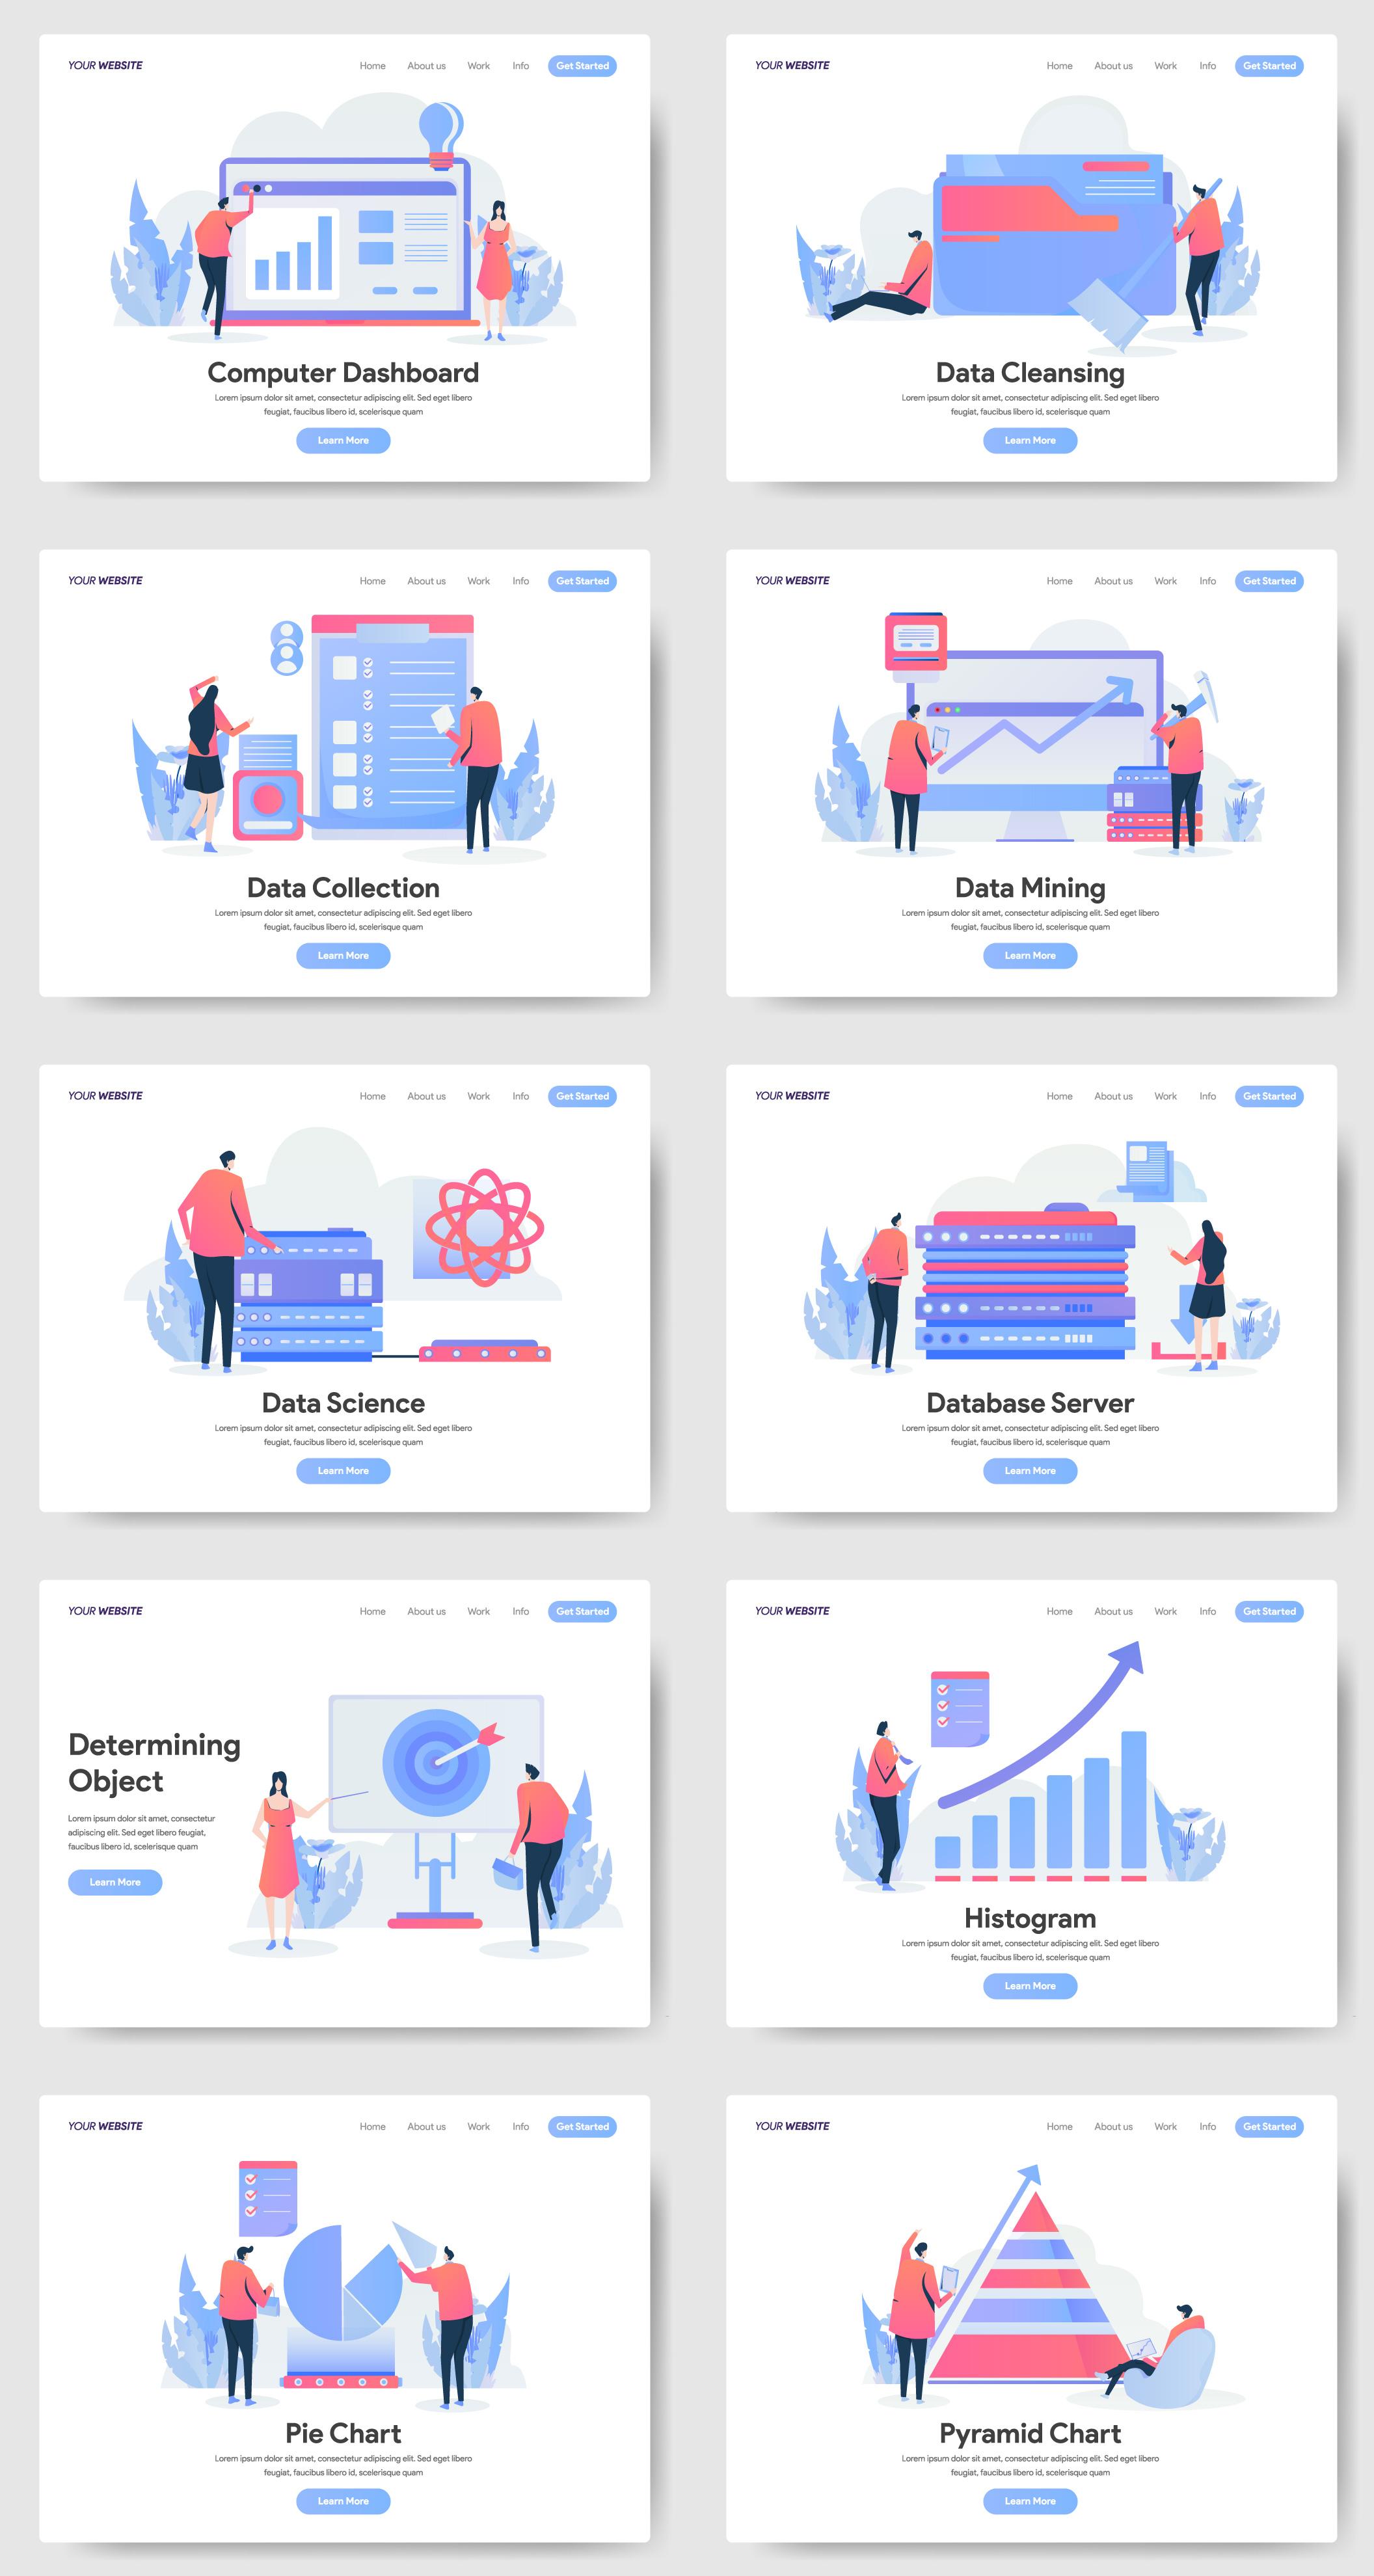 10款数据分析2.5D矢量概念插画素材 Data Analytics Illustration插图(6)